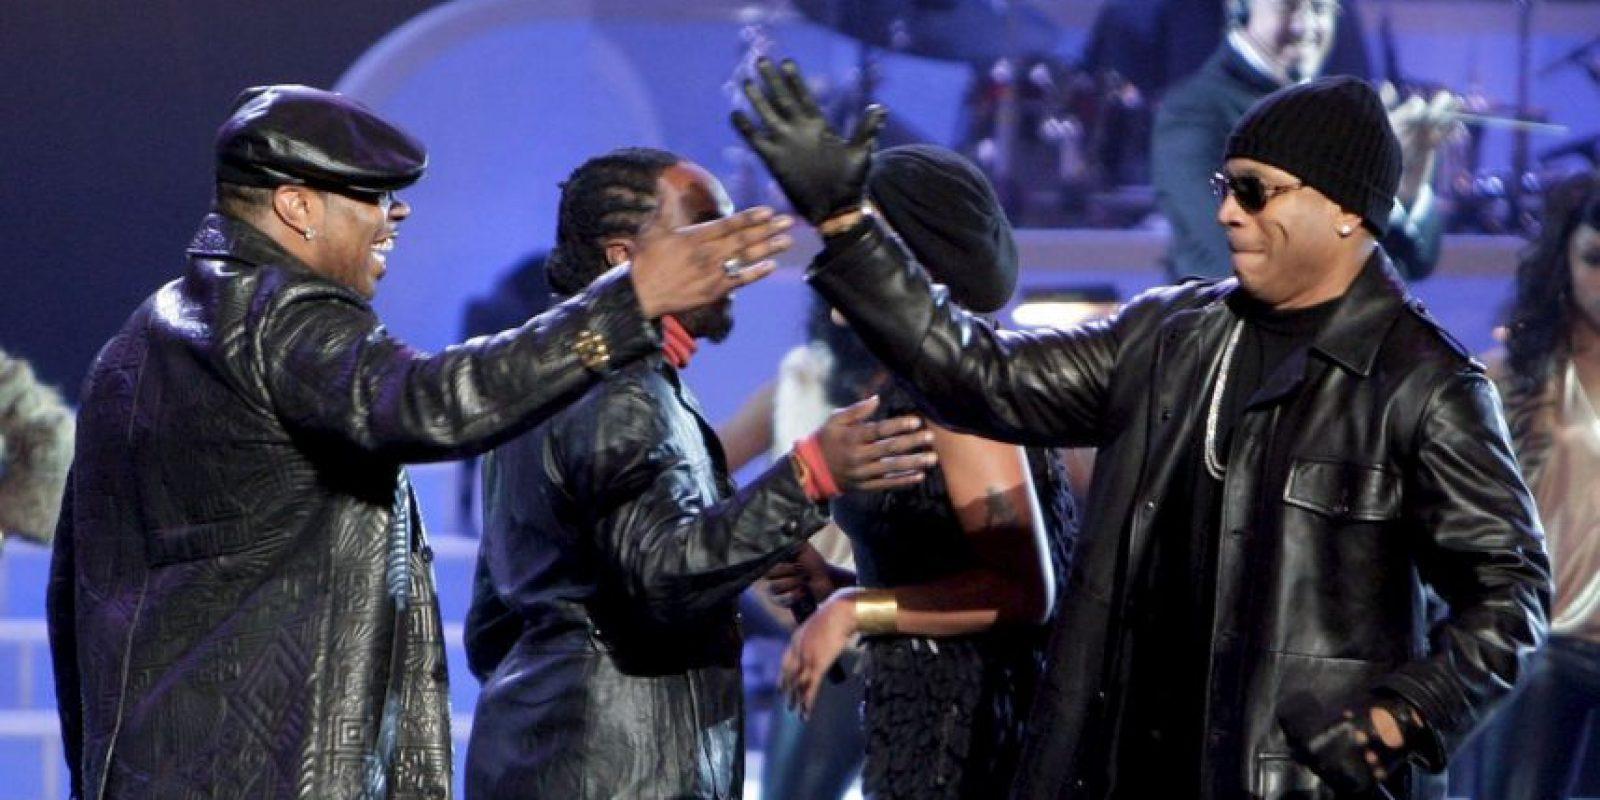 Esta revolución llegó con la música comercial del rap y el hip hop. Foto:Getty Images